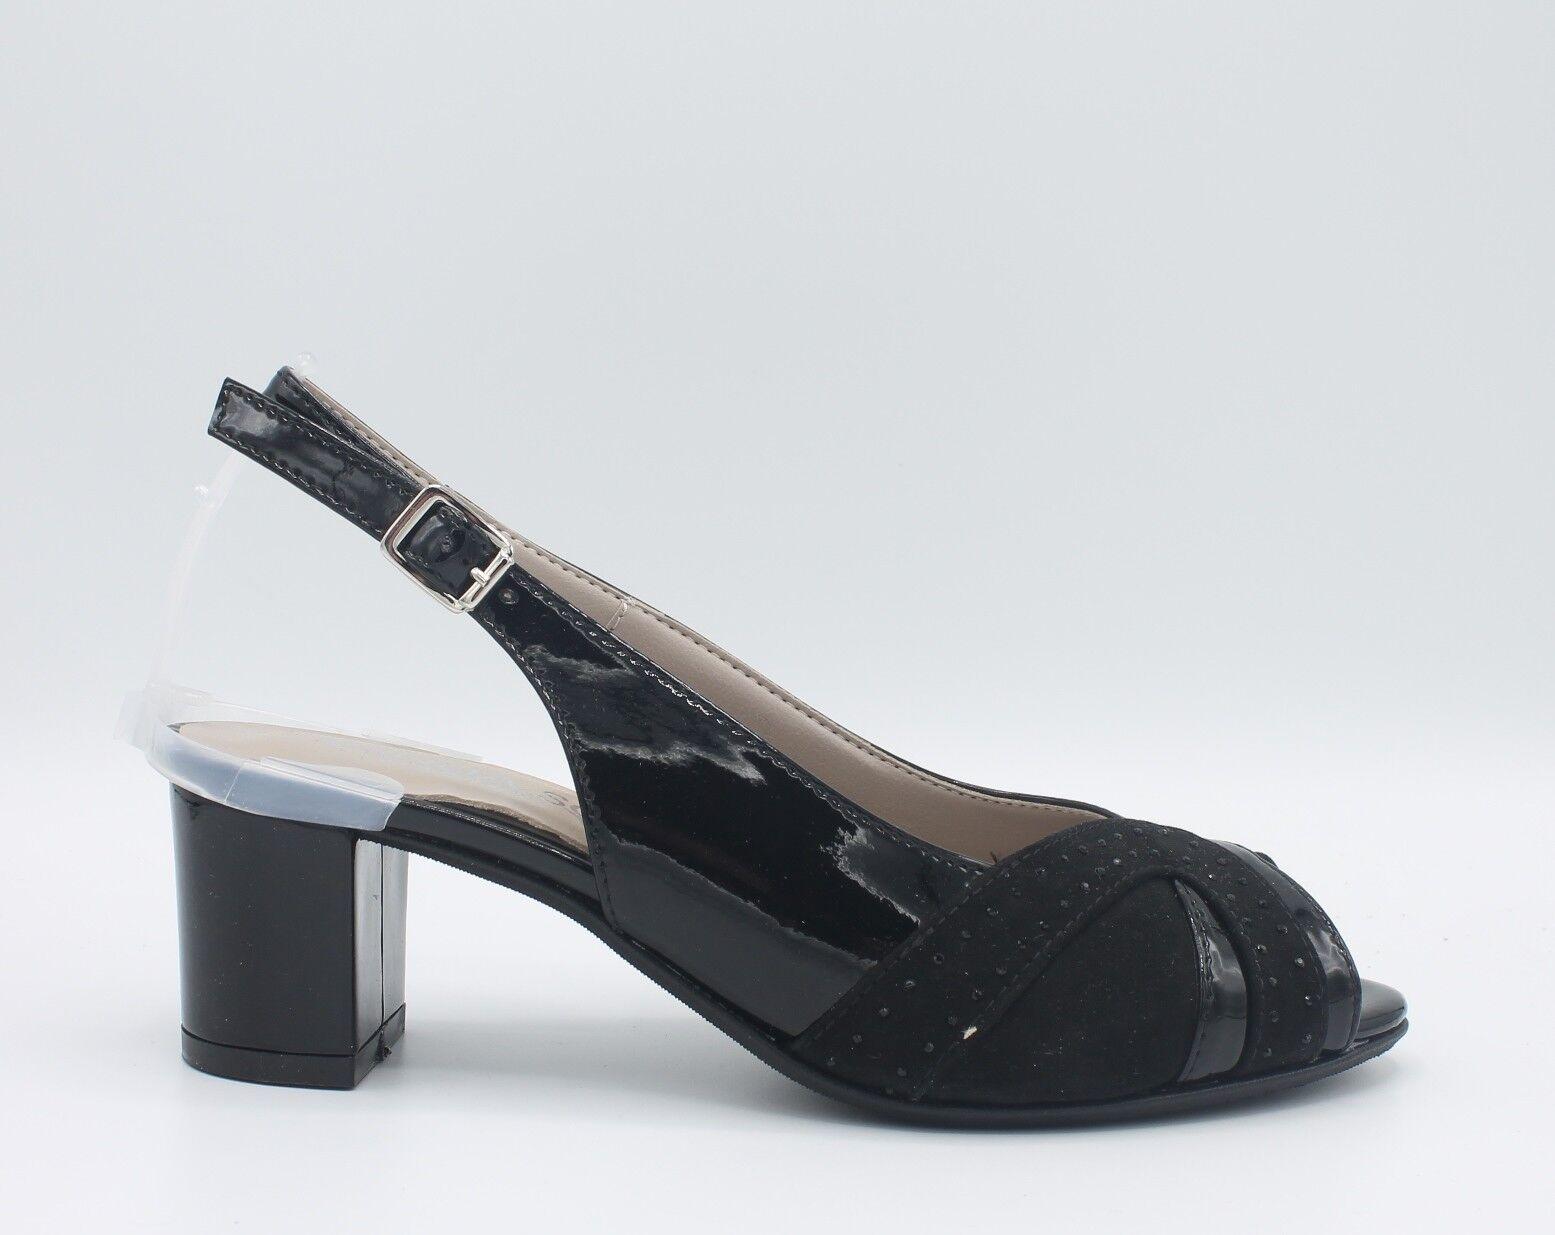 Descuento barato CINZIA SOFT Sandali donna eleganti linea comoda in pelle vernice nero IAB292318